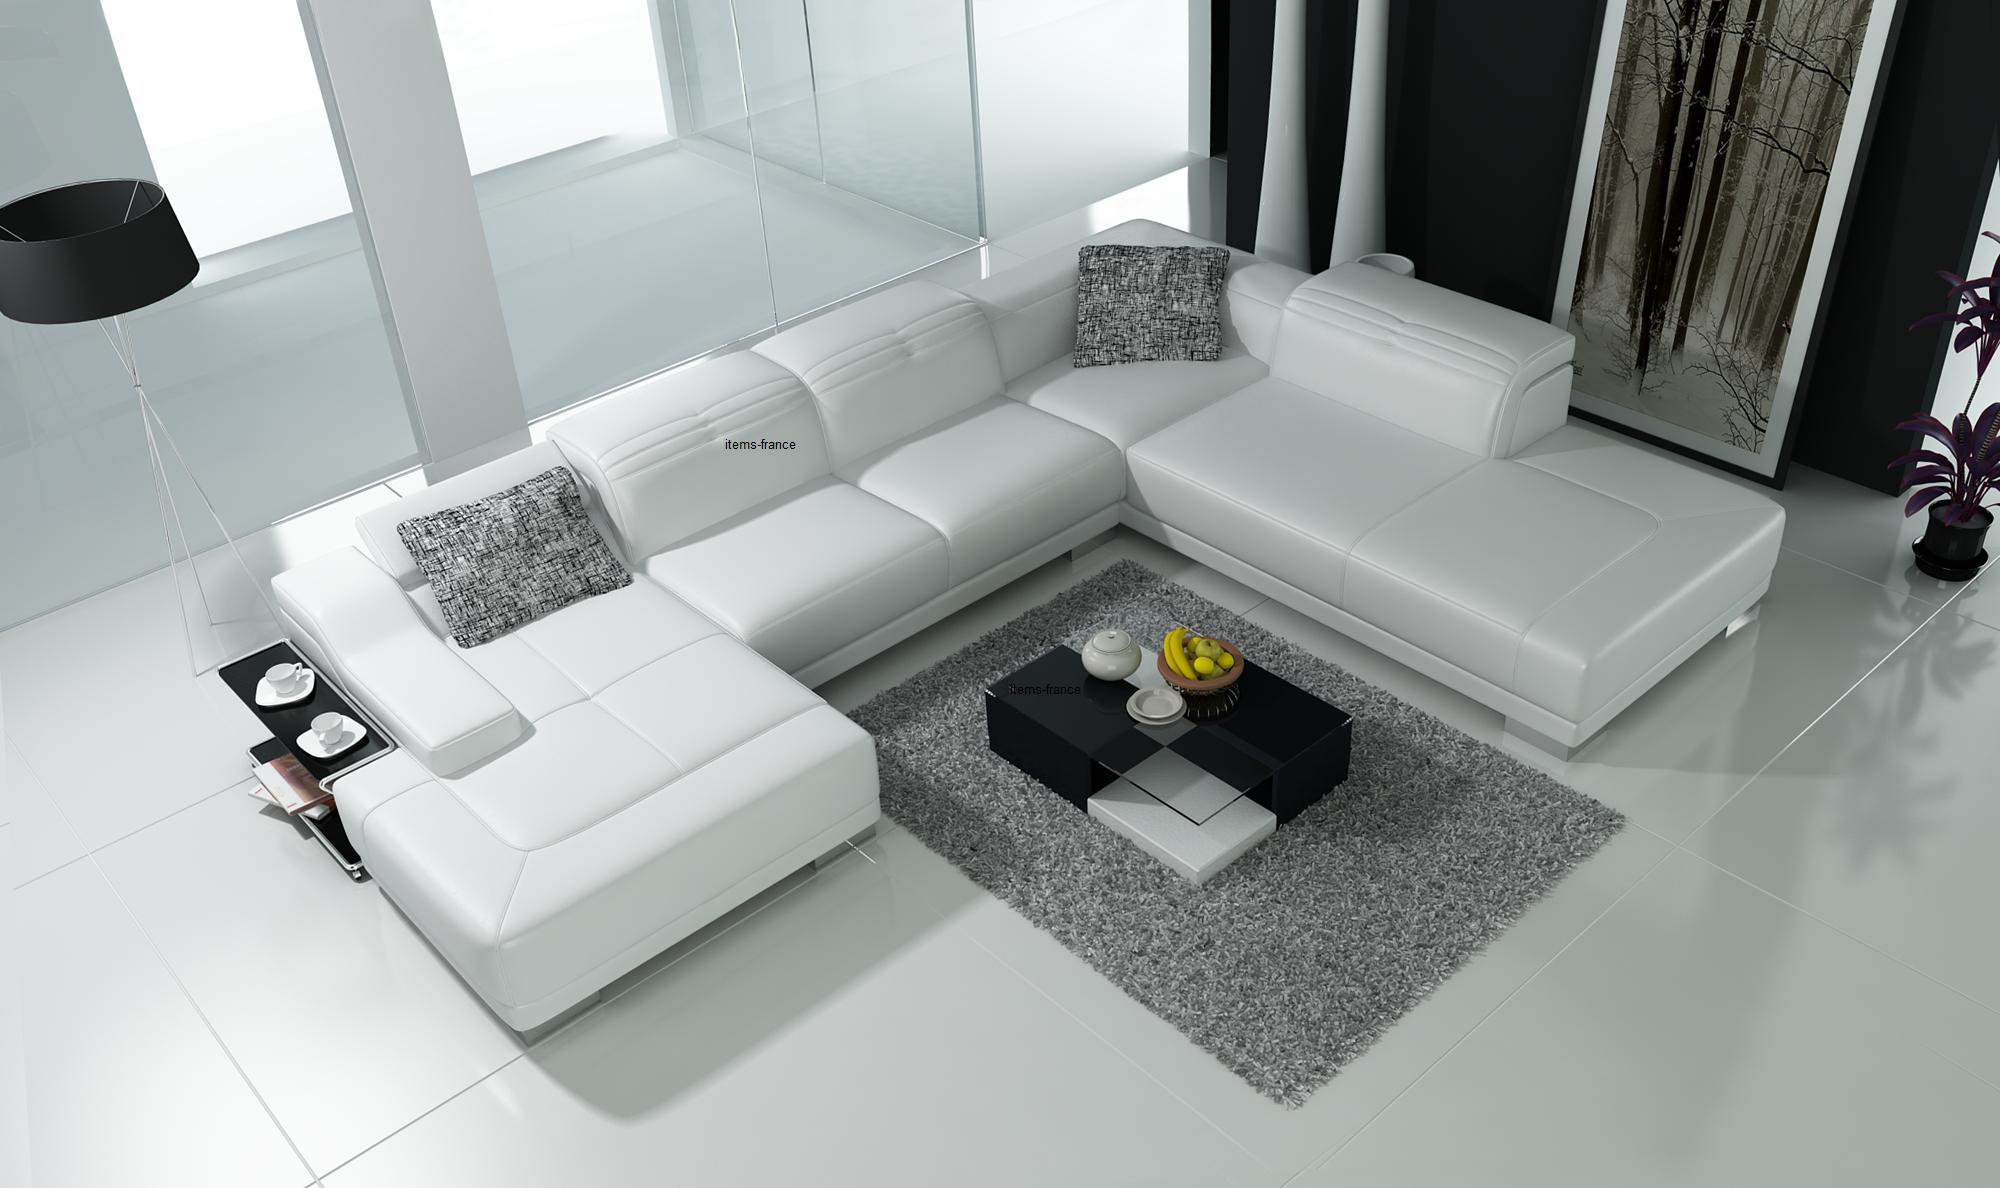 Canapé Eternity Conforama Meilleur De Images Canap D Angle Blanc Affordable Canap Dangle Design Modulable Loft